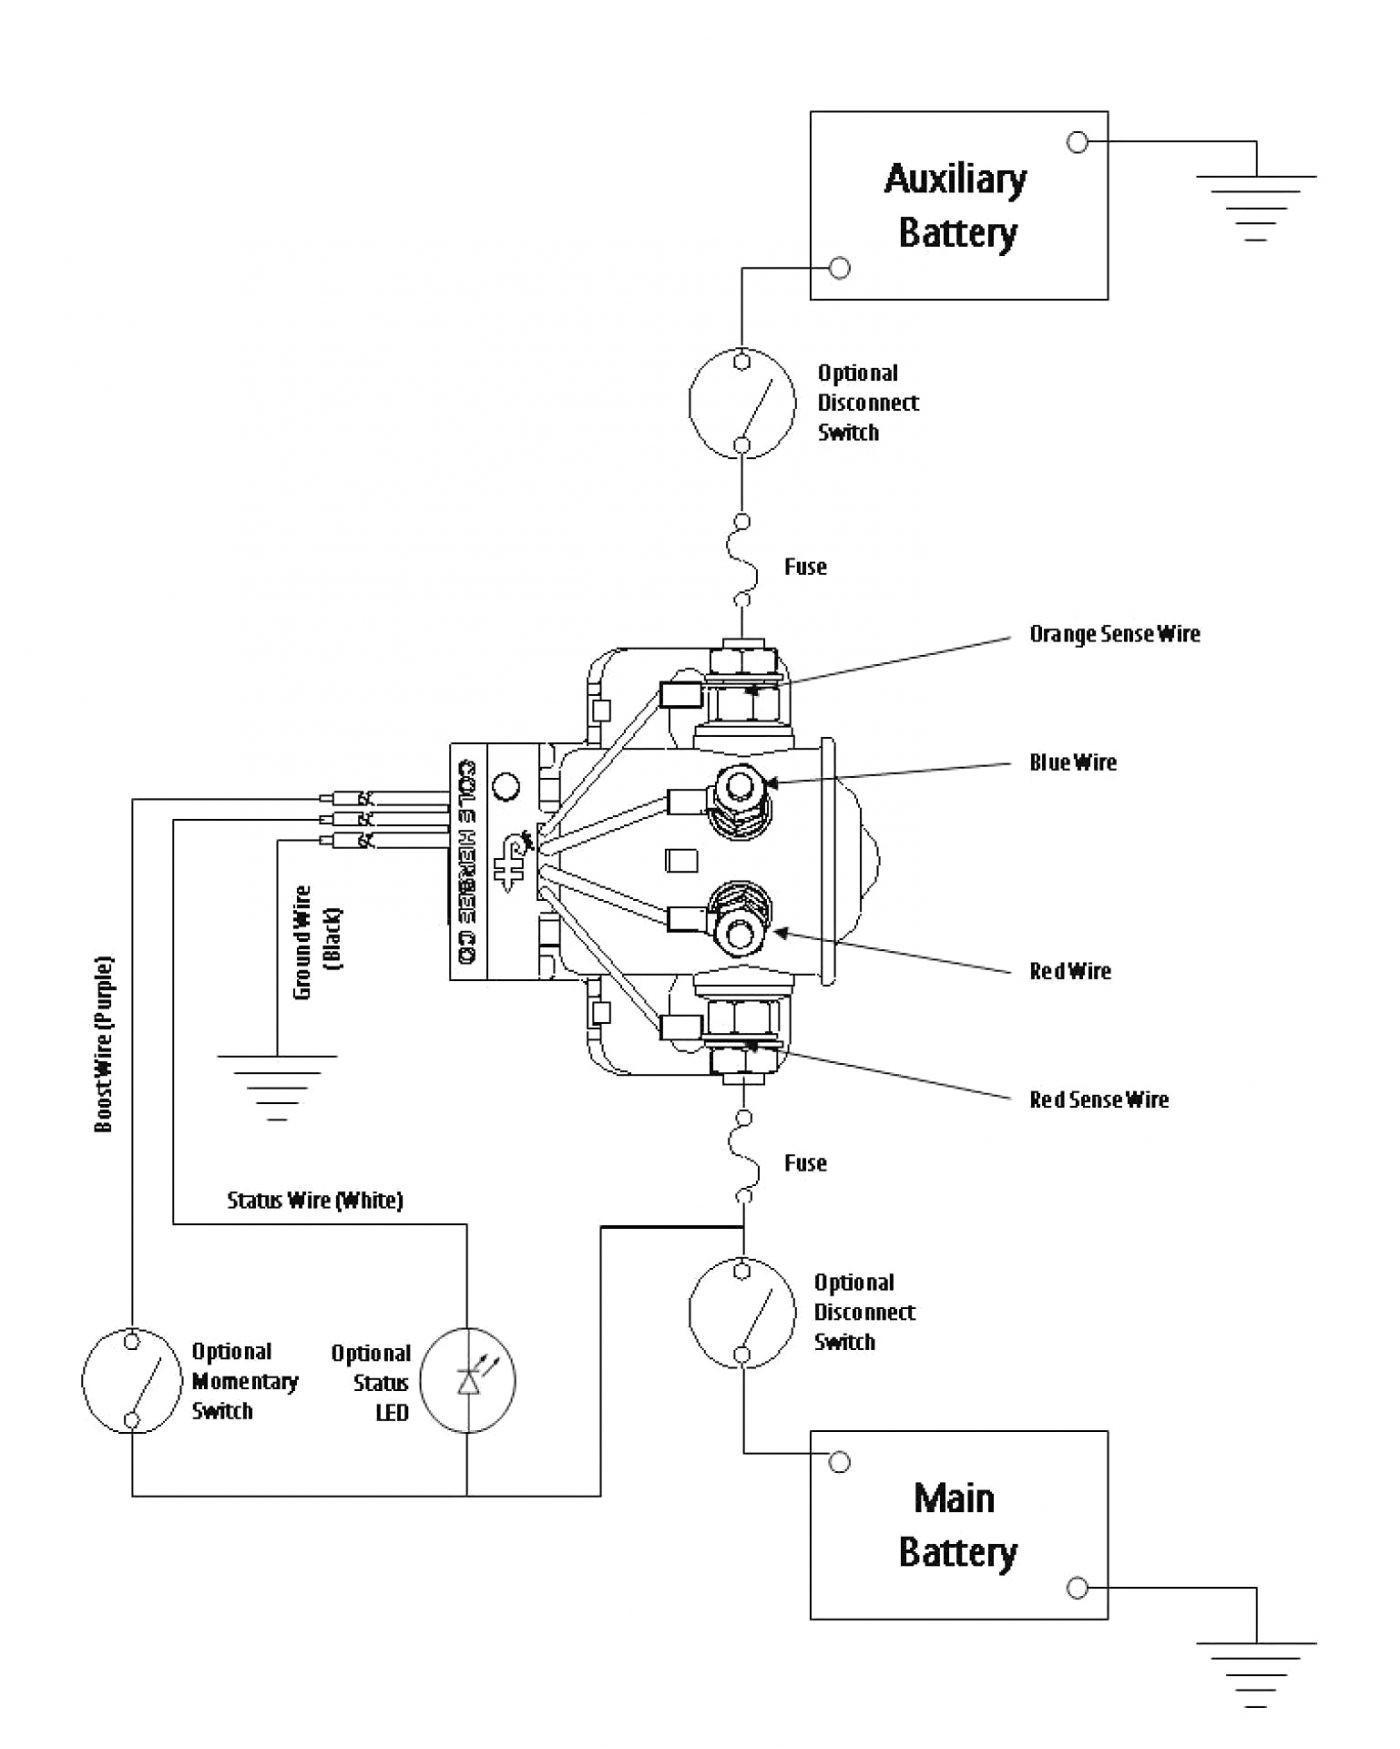 Bmw E46 Engine Parts Diagram E46 Interior Diagram Wiring Diagram Services • Of Bmw E46 Engine Parts Diagram